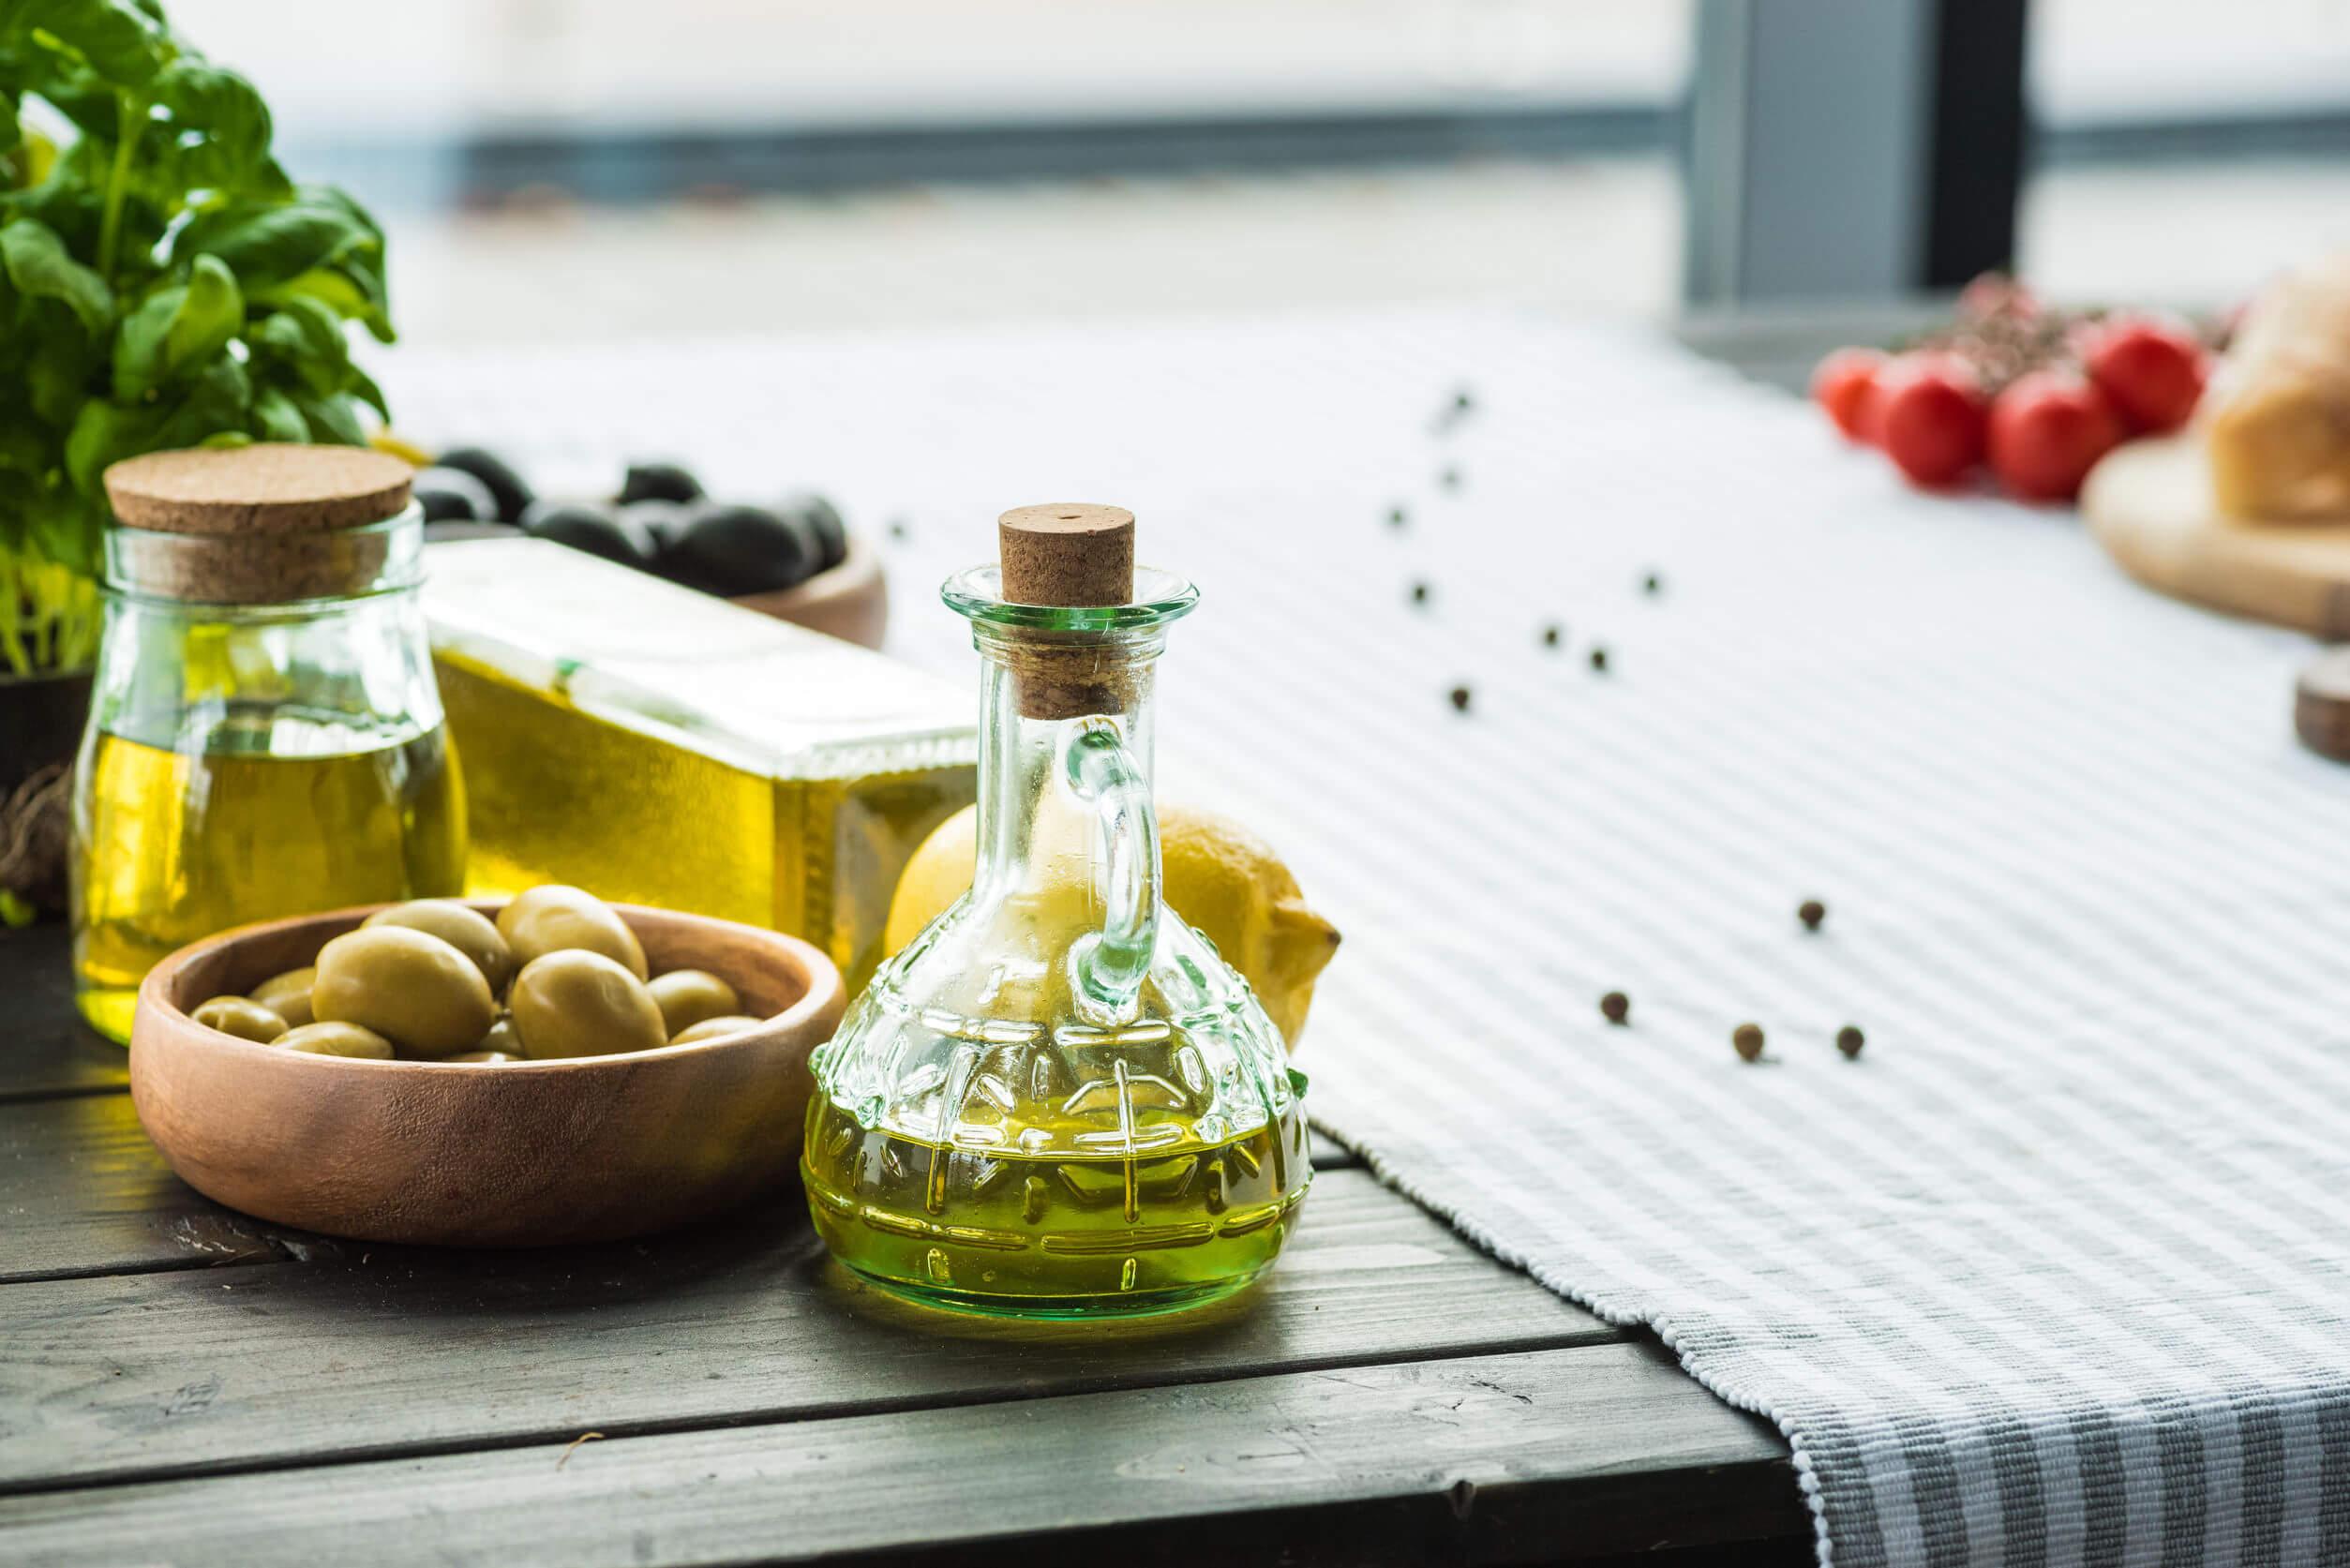 El uso de suplementos de colágeno puede verse potenciado al utilizar aceite de oliva en la dieta.